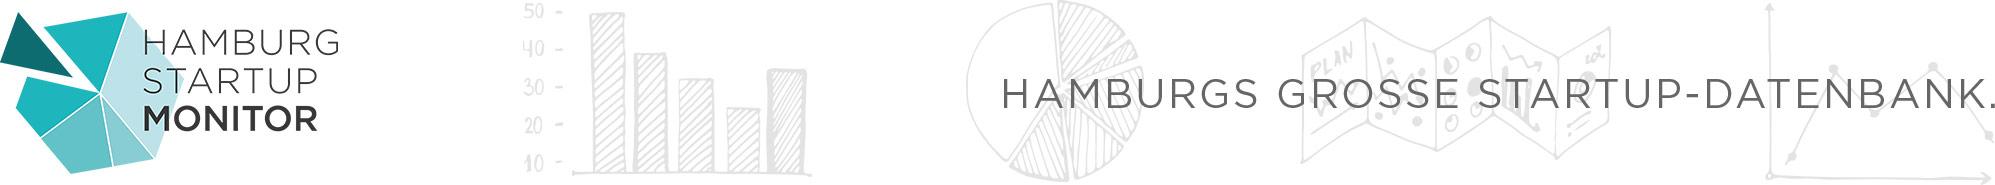 Hamburg Startup Monitor